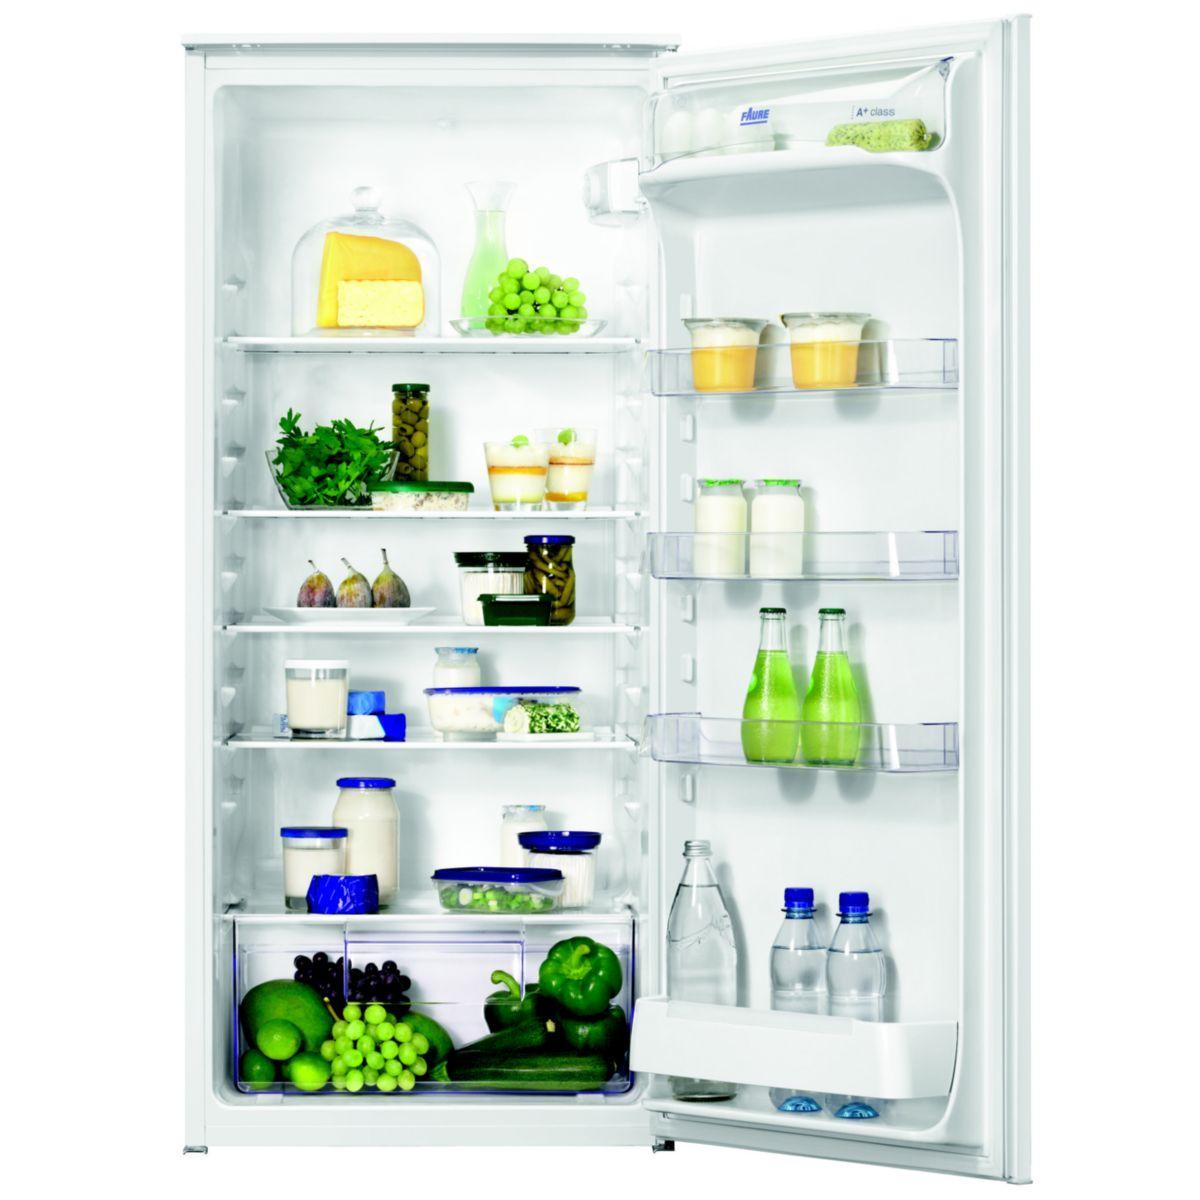 Réfrigérateur encastrable faure fba22021sa - 15% de remise immédiate avec le code : cool15 (photo)